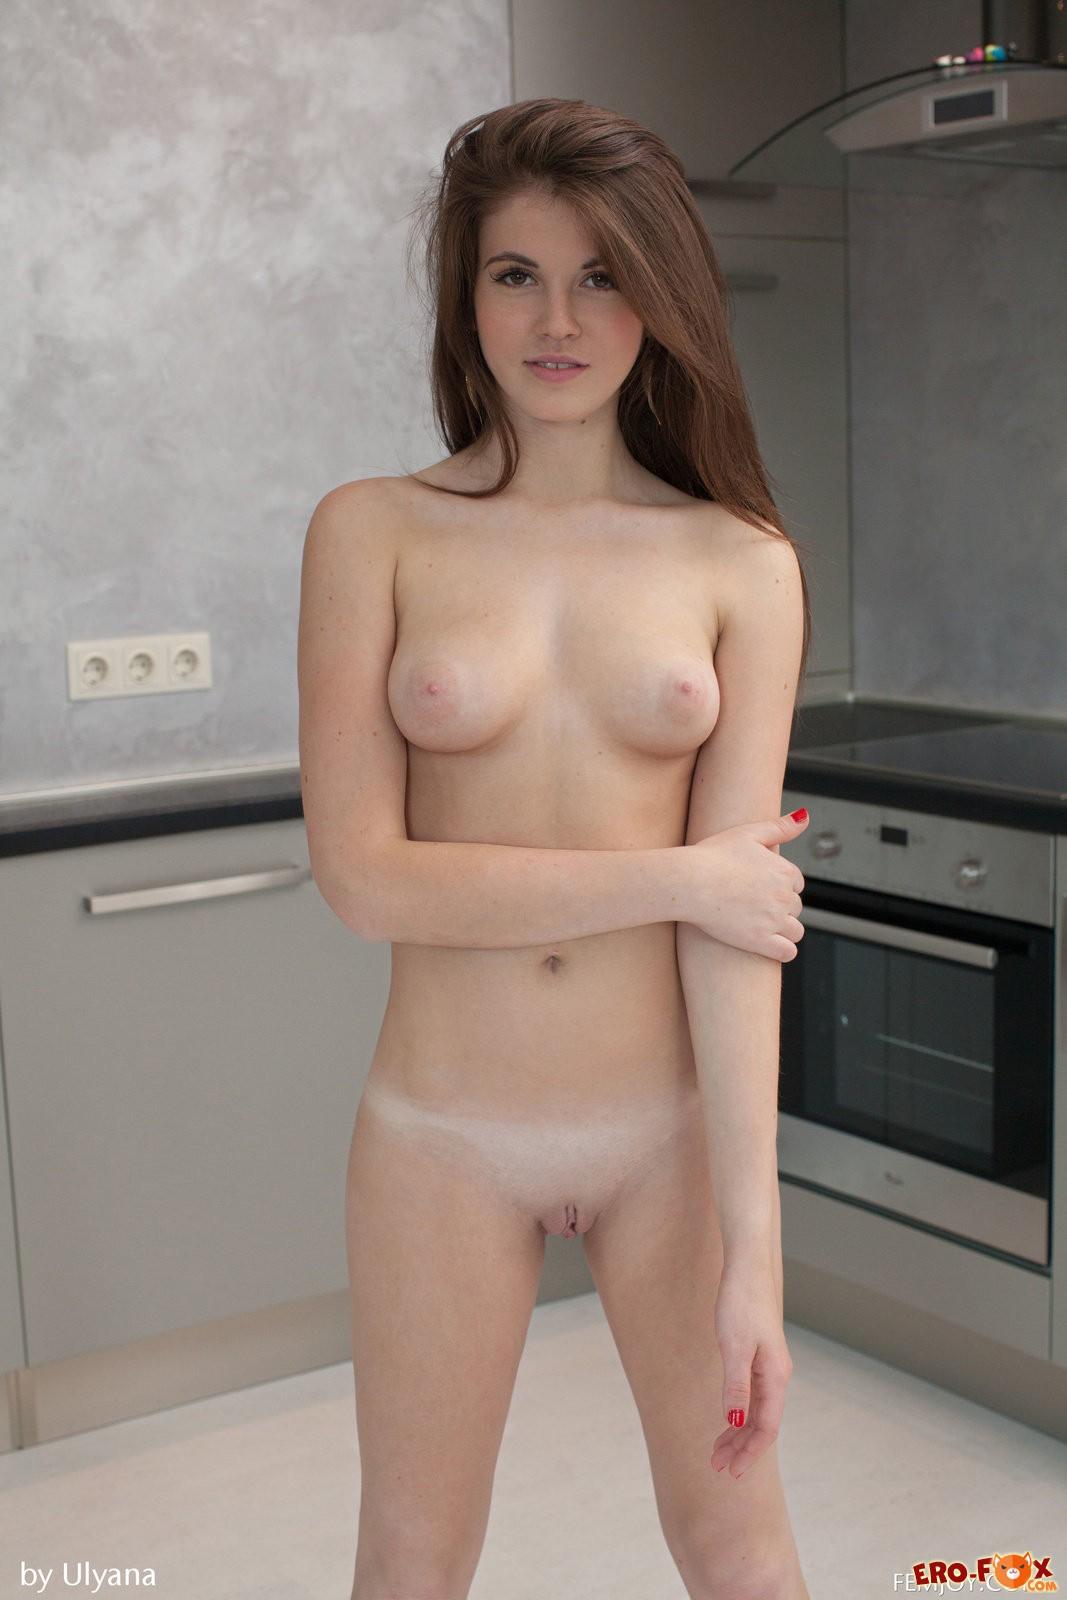 Молодая девушка снимает белые трусики